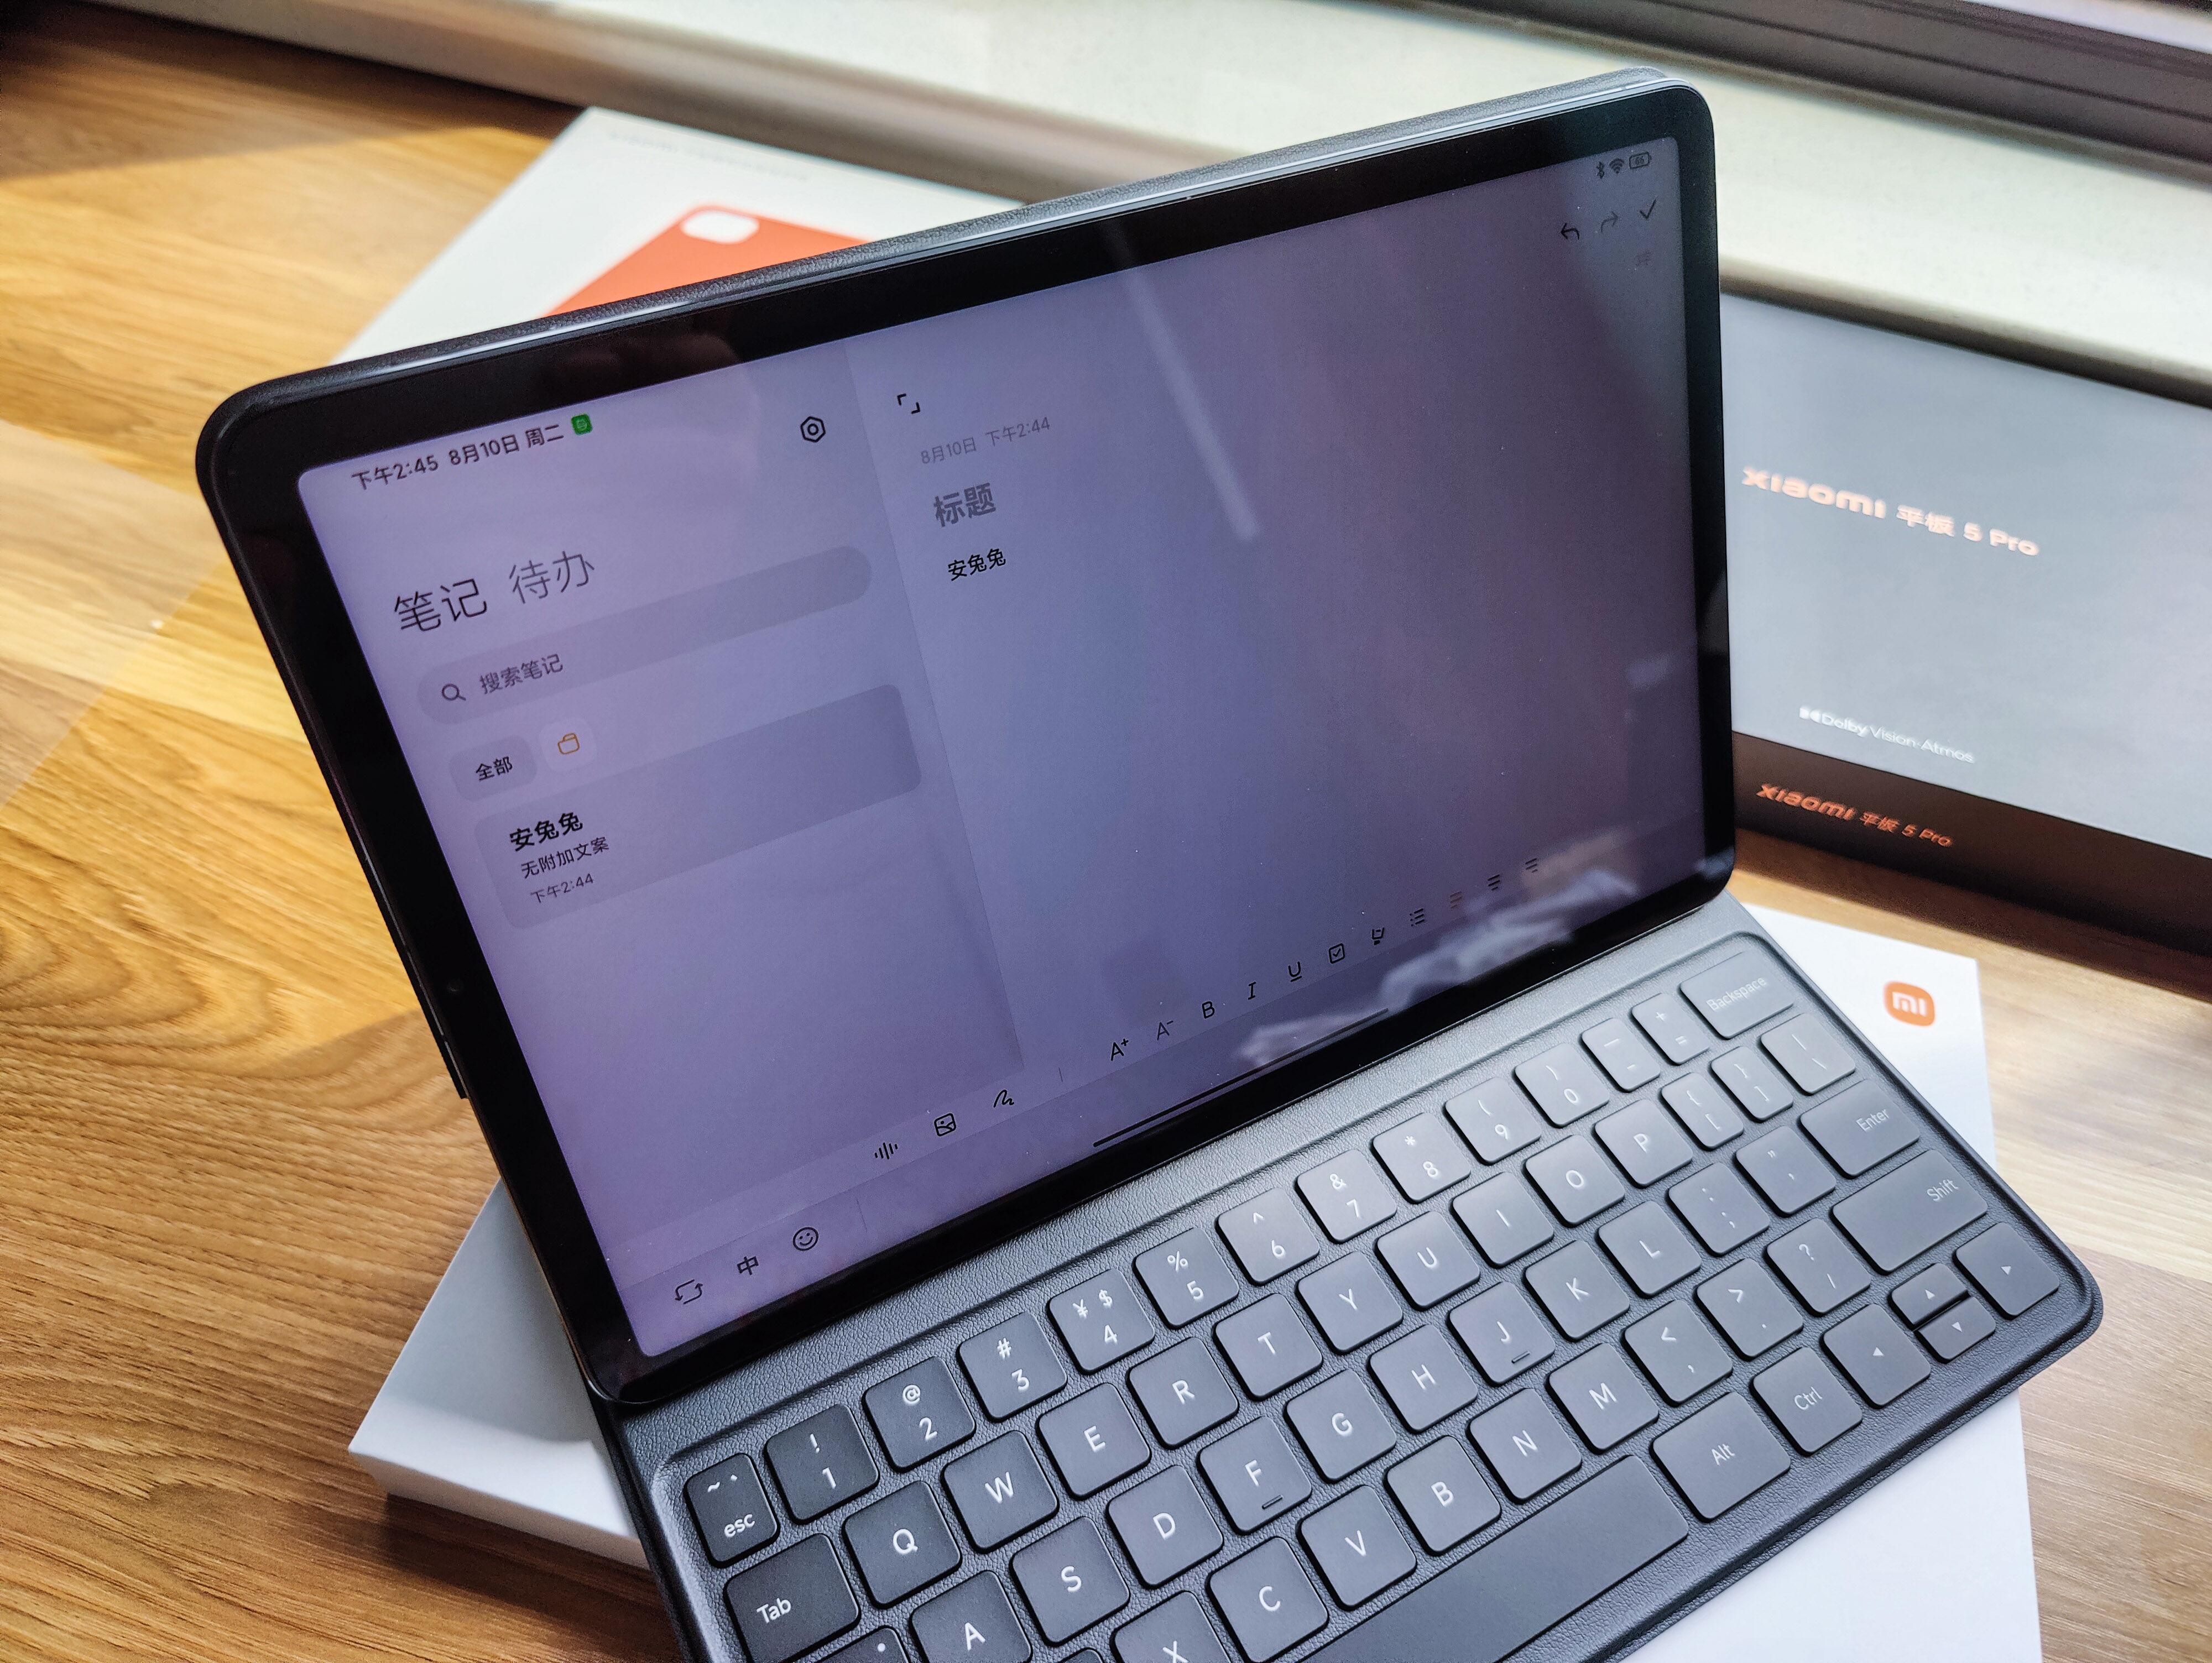 小米平板5 Pro评测:大屏尽显优势、MIUI任重道远